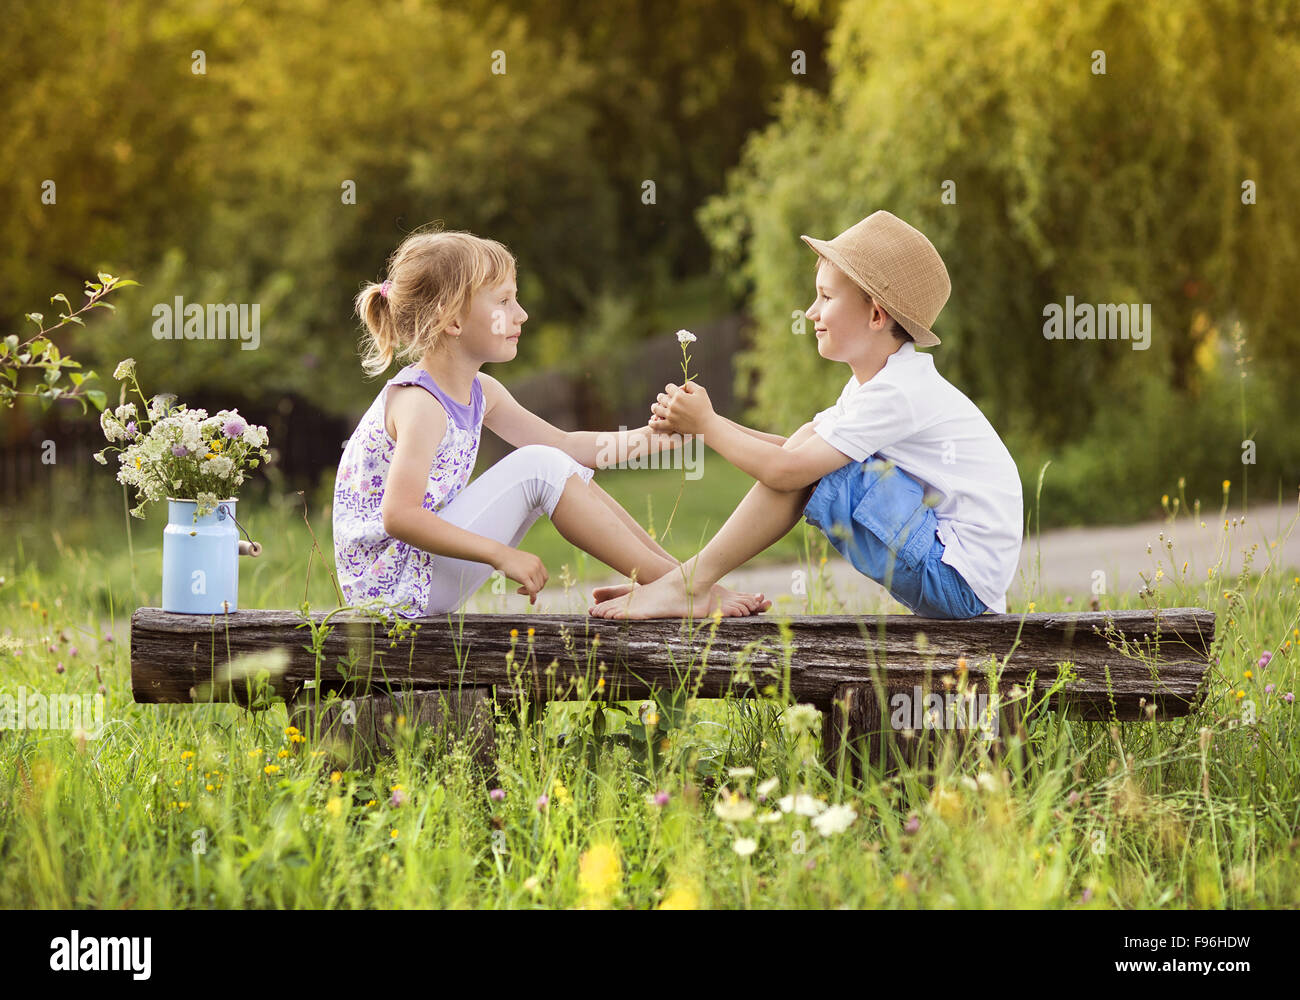 Carino un ragazzo e una ragazza in amore. Essi seduta sul banco al tramonto. Immagini Stock